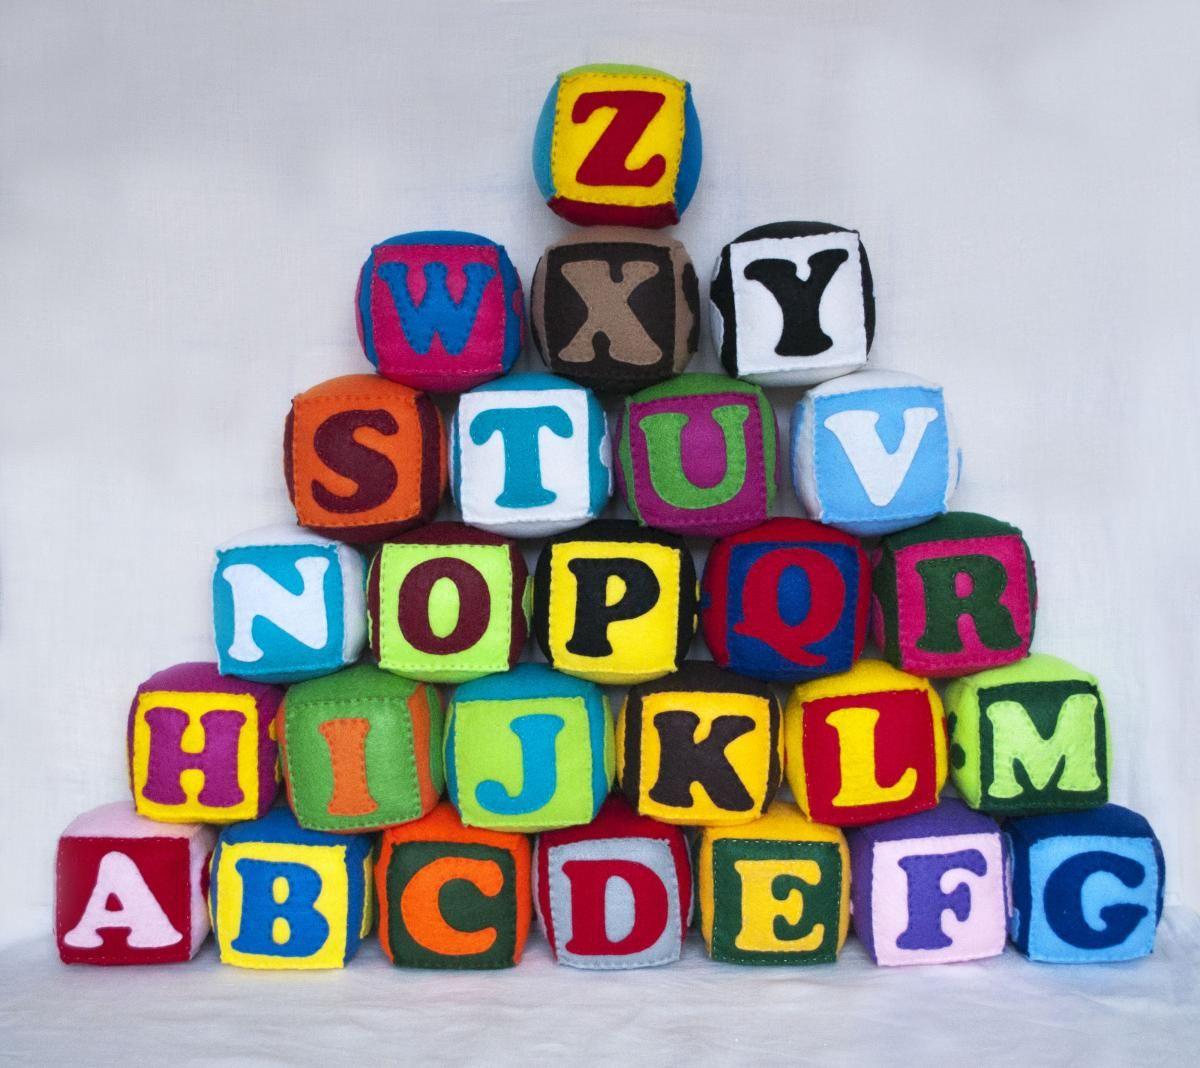 Felt Zoo Alphabet 26 Alphabet Cubes Felt Blocks Zoo Alphabet Letters Numbers Figures Shapes Abc 123 Letter A Crafts Alphabet Letter Crafts Felt Diy